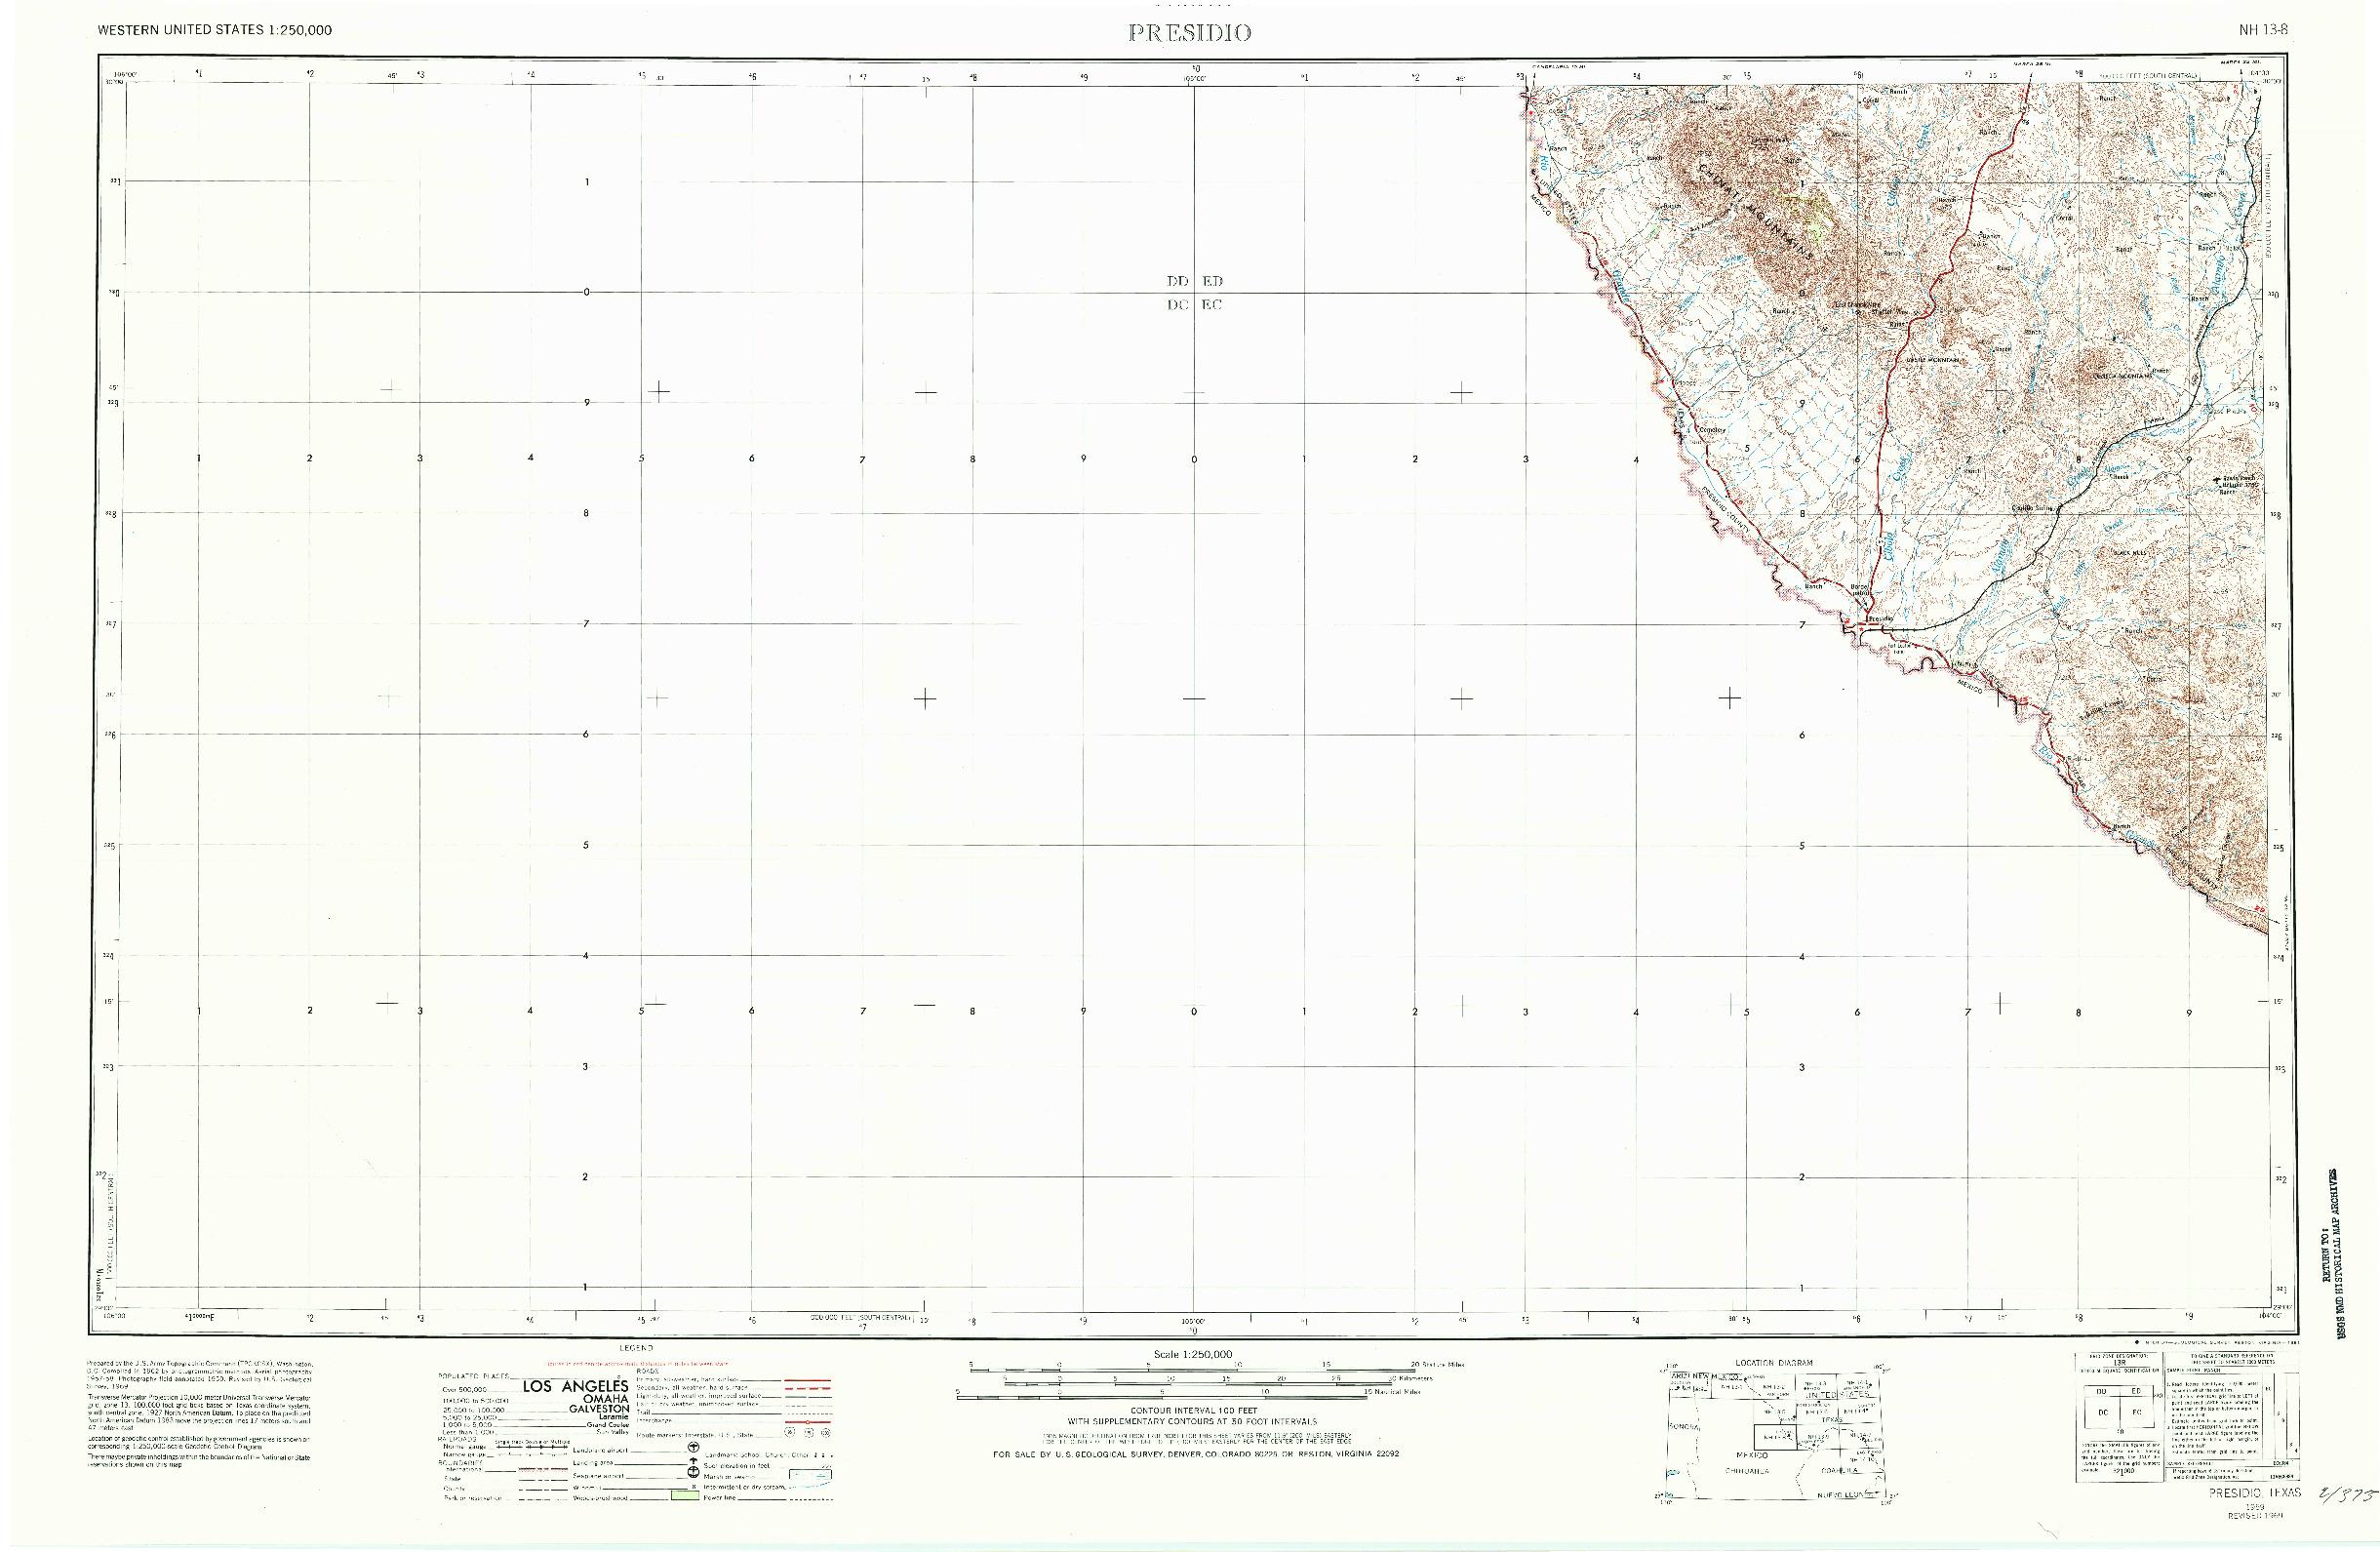 USGS 1:250000-SCALE QUADRANGLE FOR PRESIDIO, TX 1959